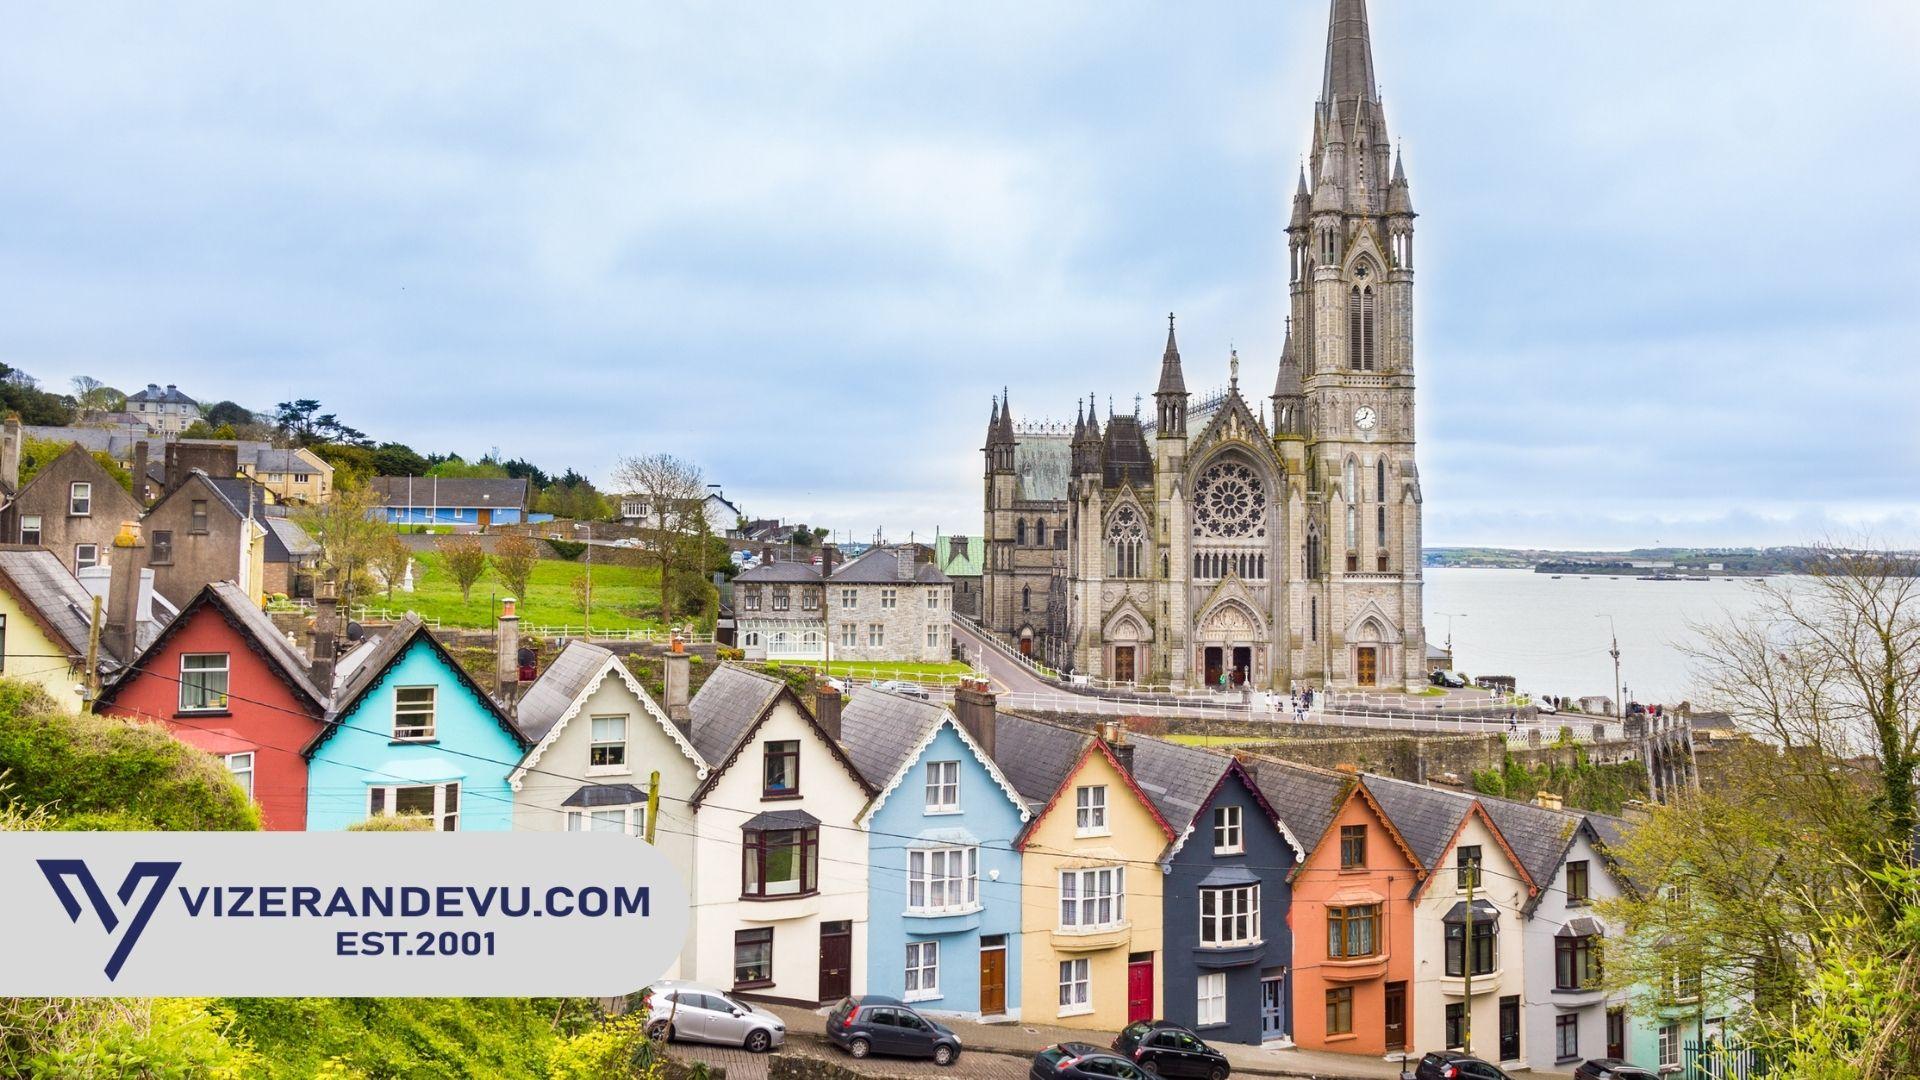 İrlanda Vizesi: Randevu ve Başvuru (2021)